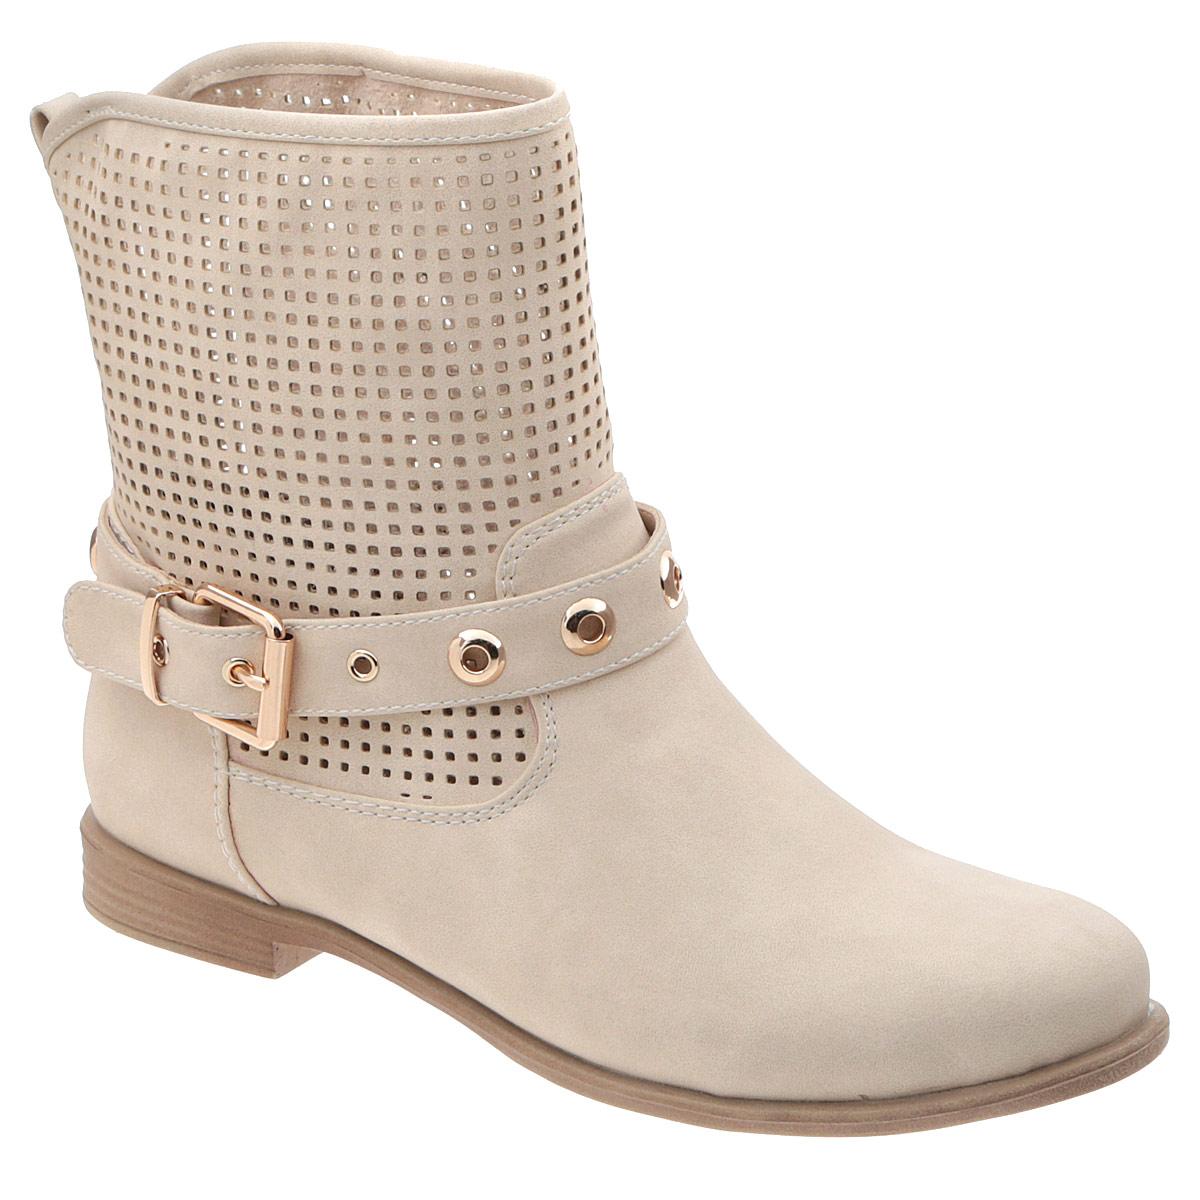 Ботинки женские. STT5-S683STT5-S683Трендовые женские ботинки от Itemblack придутся вам по душе! Модель изготовлена из искусственной кожи и оформлена задним наружным ремнем. Декоративный ремень, опоясывающий подъем, украшен металлическими люверсами. Перфорация обеспечивает отличную вентиляцию, позволяет ногам дышать. Отсутствие застежек компенсировано шириной голенища. Стелька выполнена из искусственной кожи. Невысокий каблук и подошва стилизованы под дерево. Ультрамодные ботинки помогут вам создать запоминающийся образ и подчеркнут вашу индивидуальность.